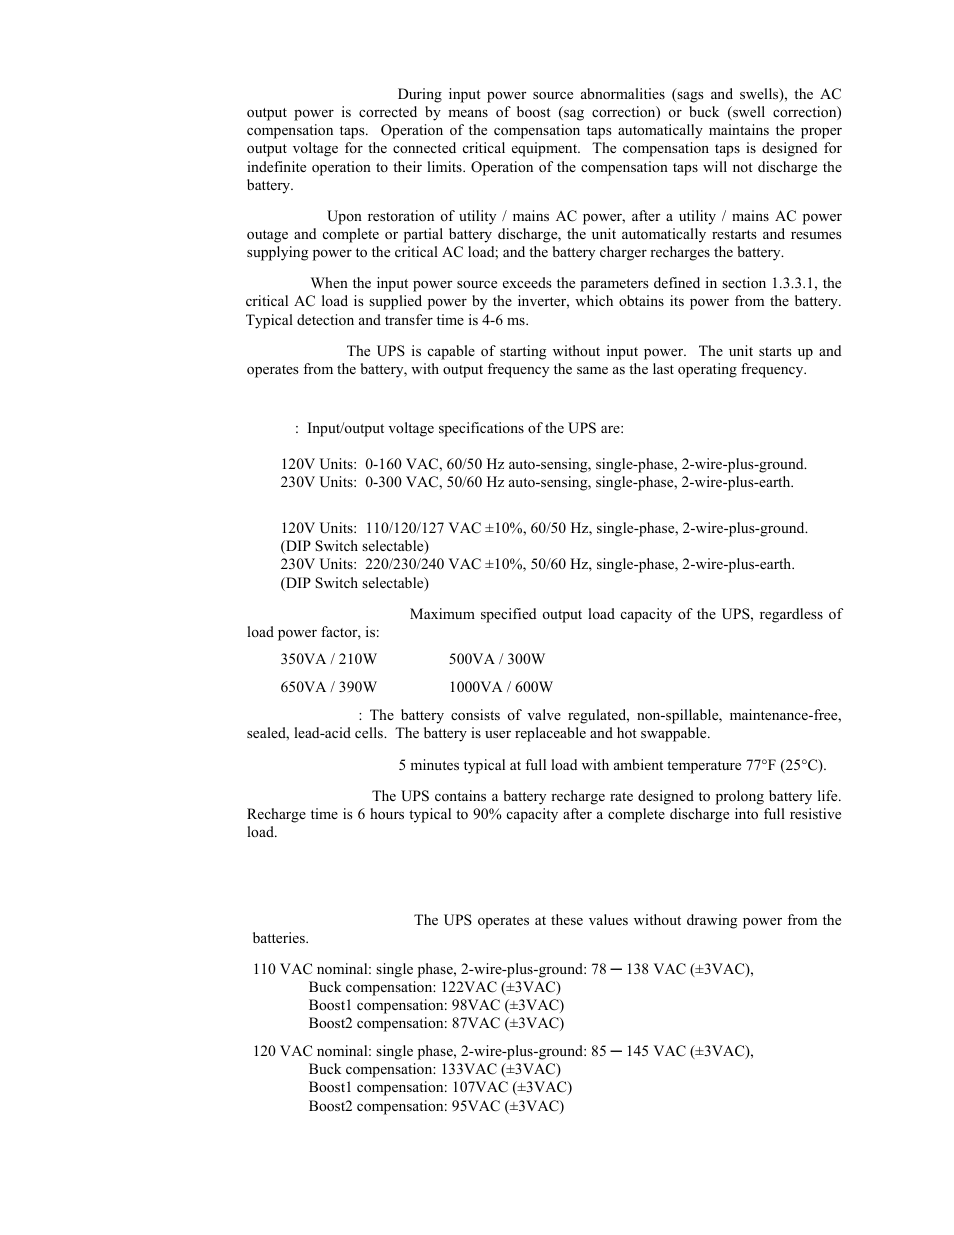 liebert powersure psa 350va to 1000va user manual page 2 8 rh manualsdir com Insidous 3 Insidous 3 Ending